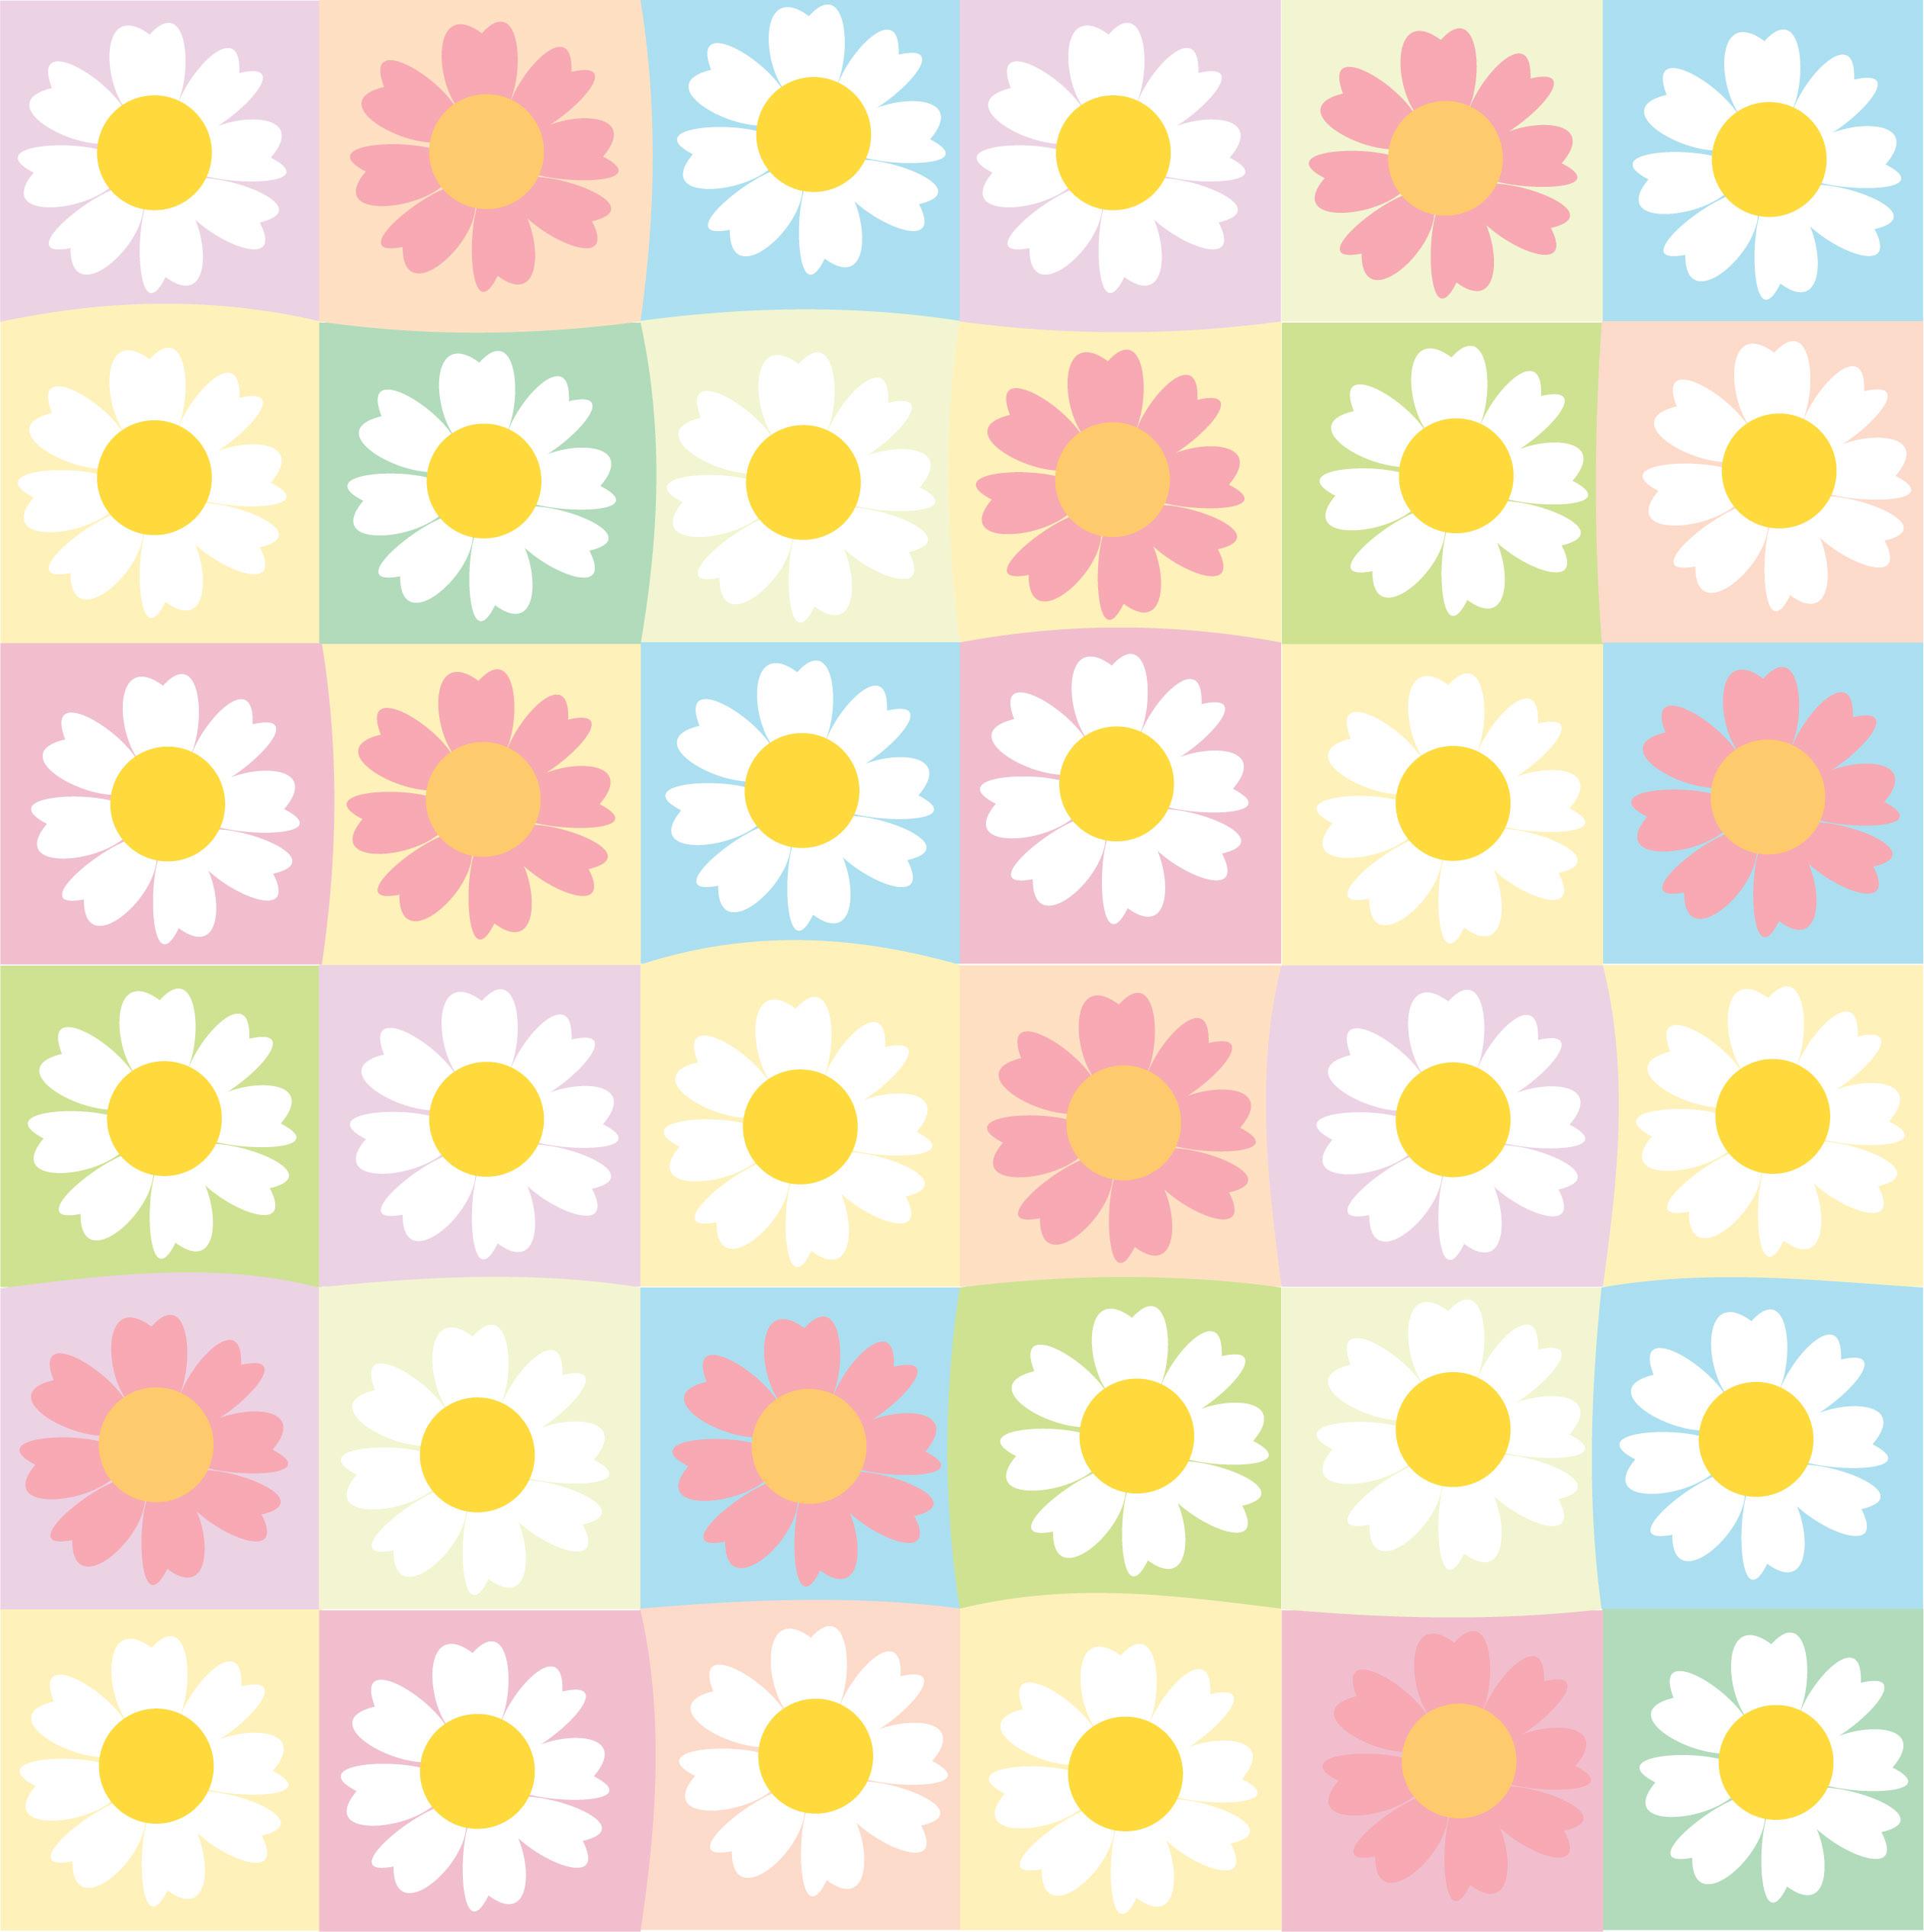 白い花のイラスト『背景・壁紙用』/無料のフリー素材集【百花繚乱】